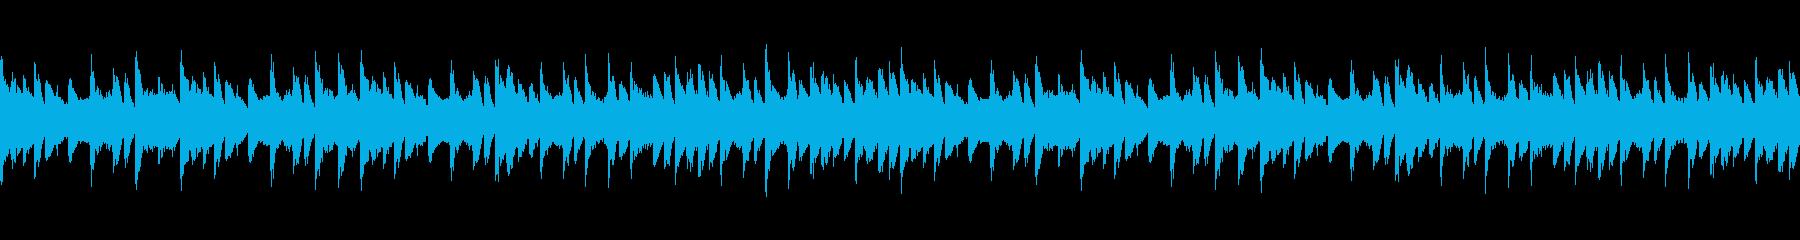 ほのぼの系ぴよぴよの再生済みの波形